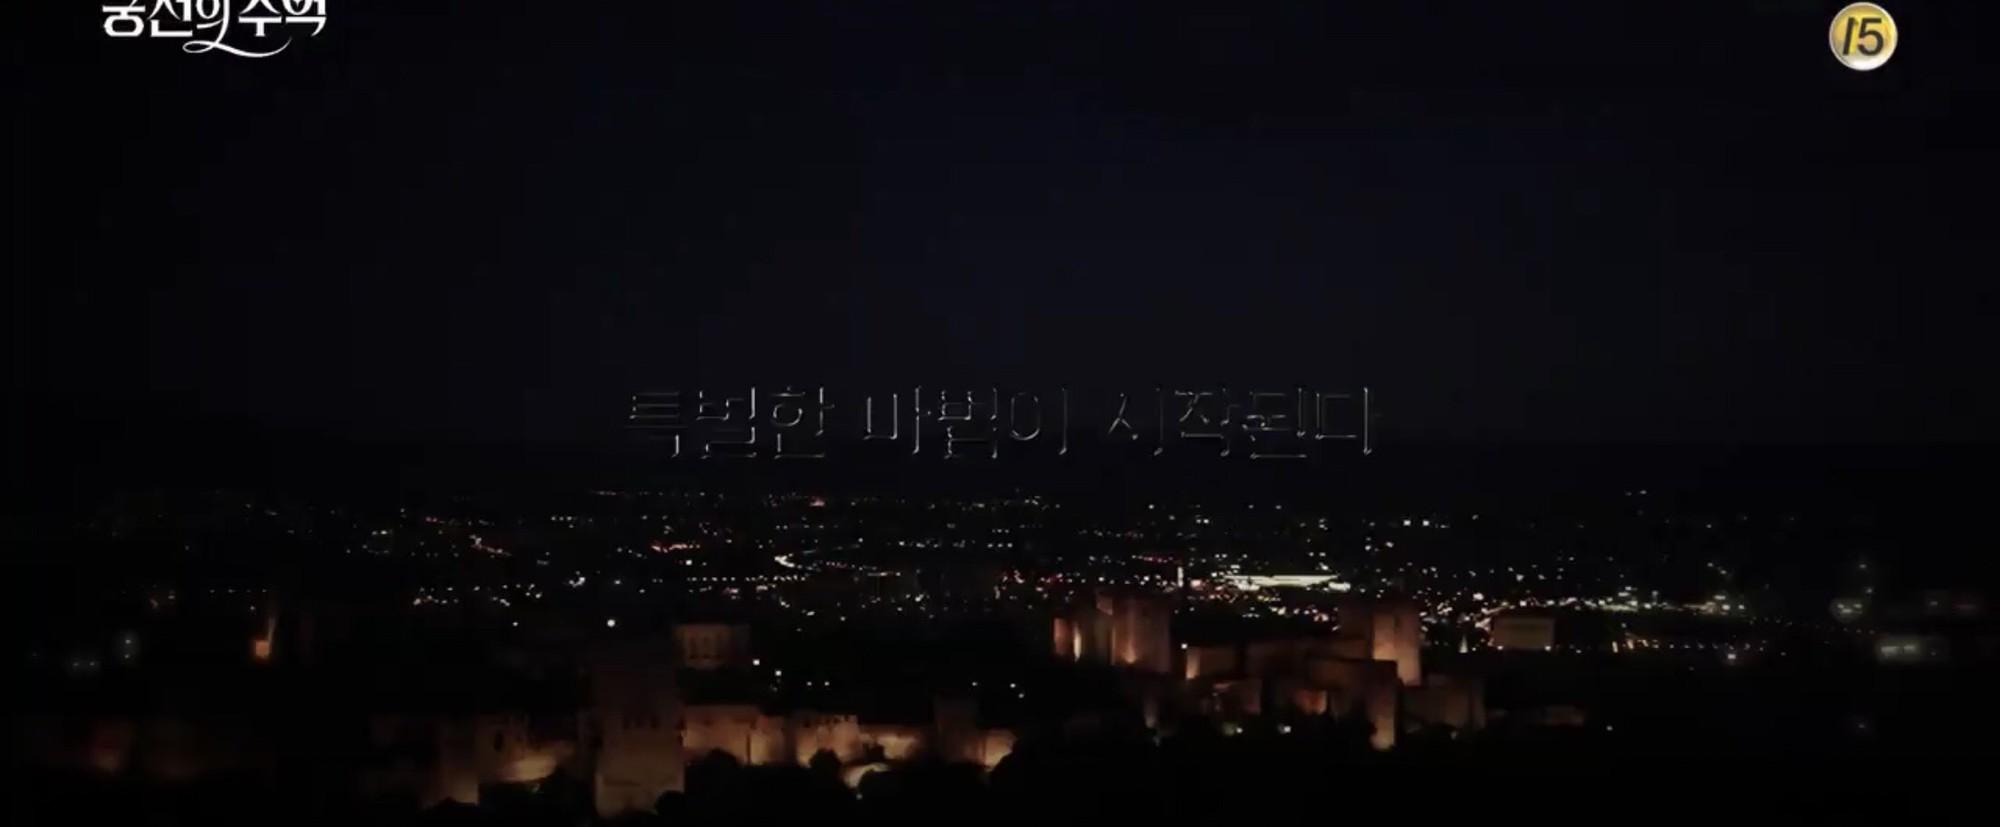 Park Shin Hye trùm khăn đỏ huyền bí trong teaser Memories of the Alhambra vừa tung nóng hổi - Ảnh 12.